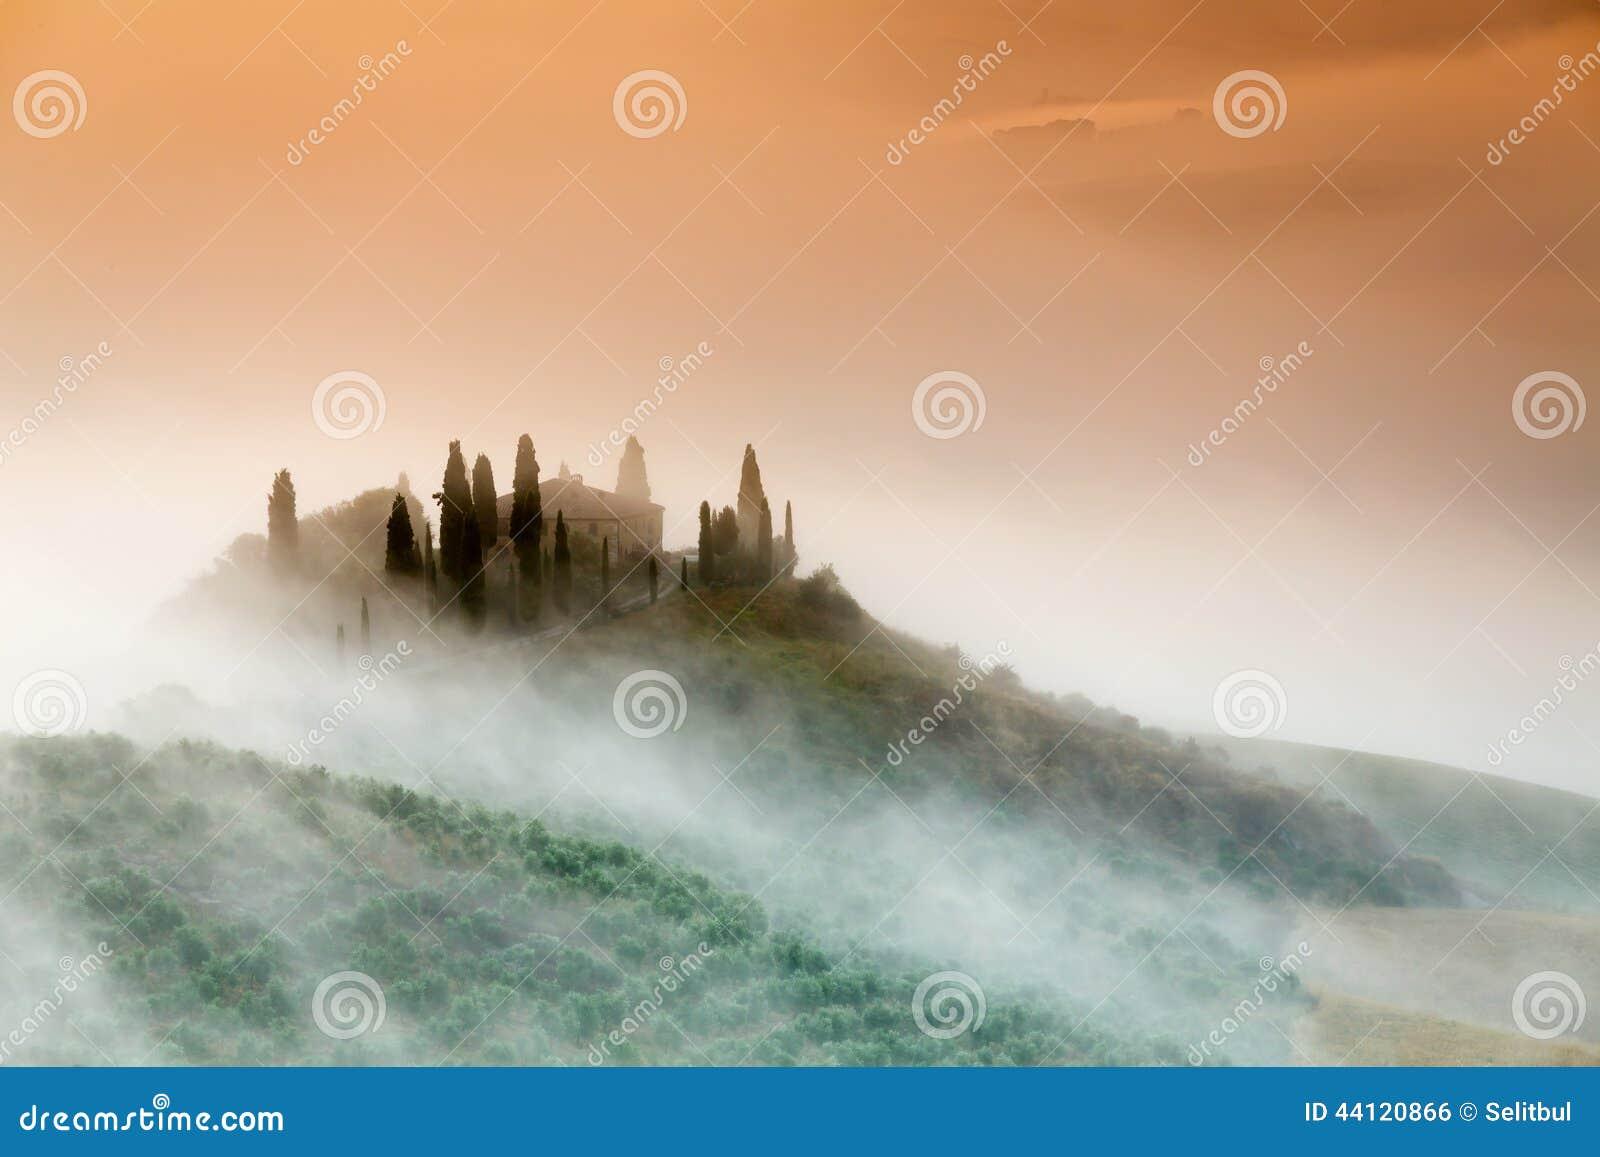 Καταπληκτική ομιχλώδης ανατολή στην επαρχία της Τοσκάνης, Ιταλία